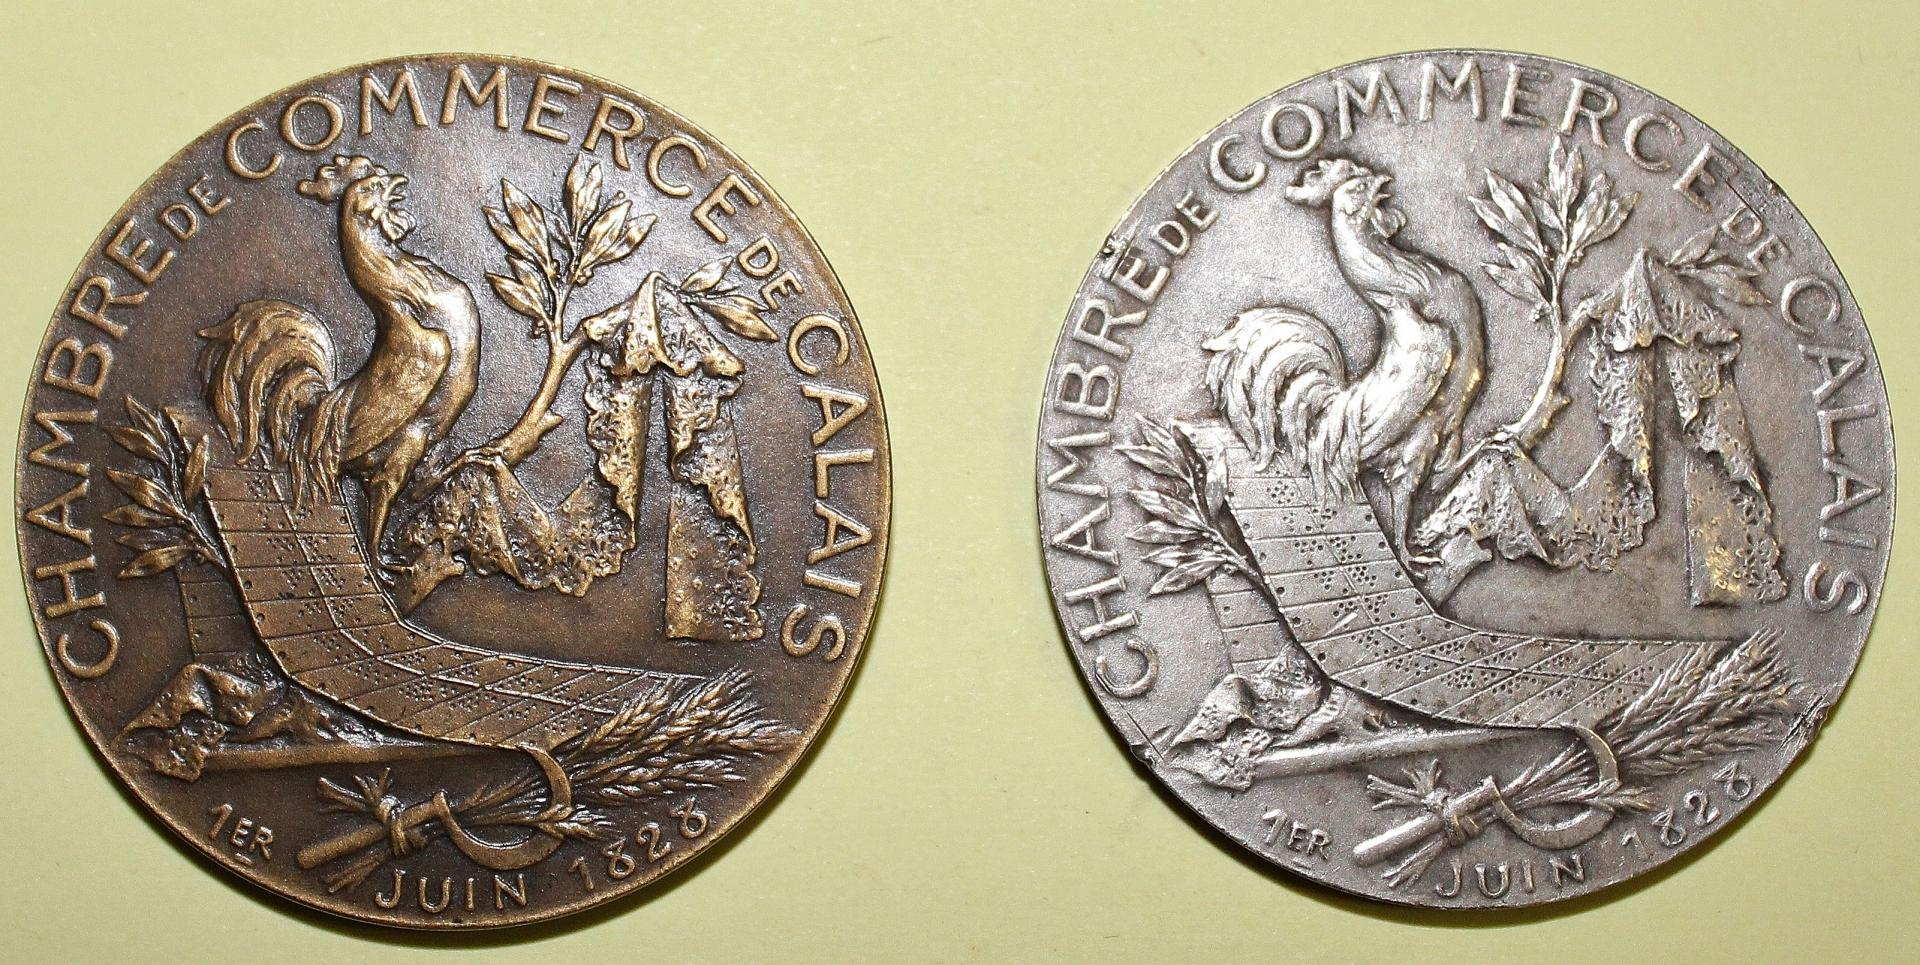 Calais 1828 deux medailles de la chambre de commerce bronze et argent